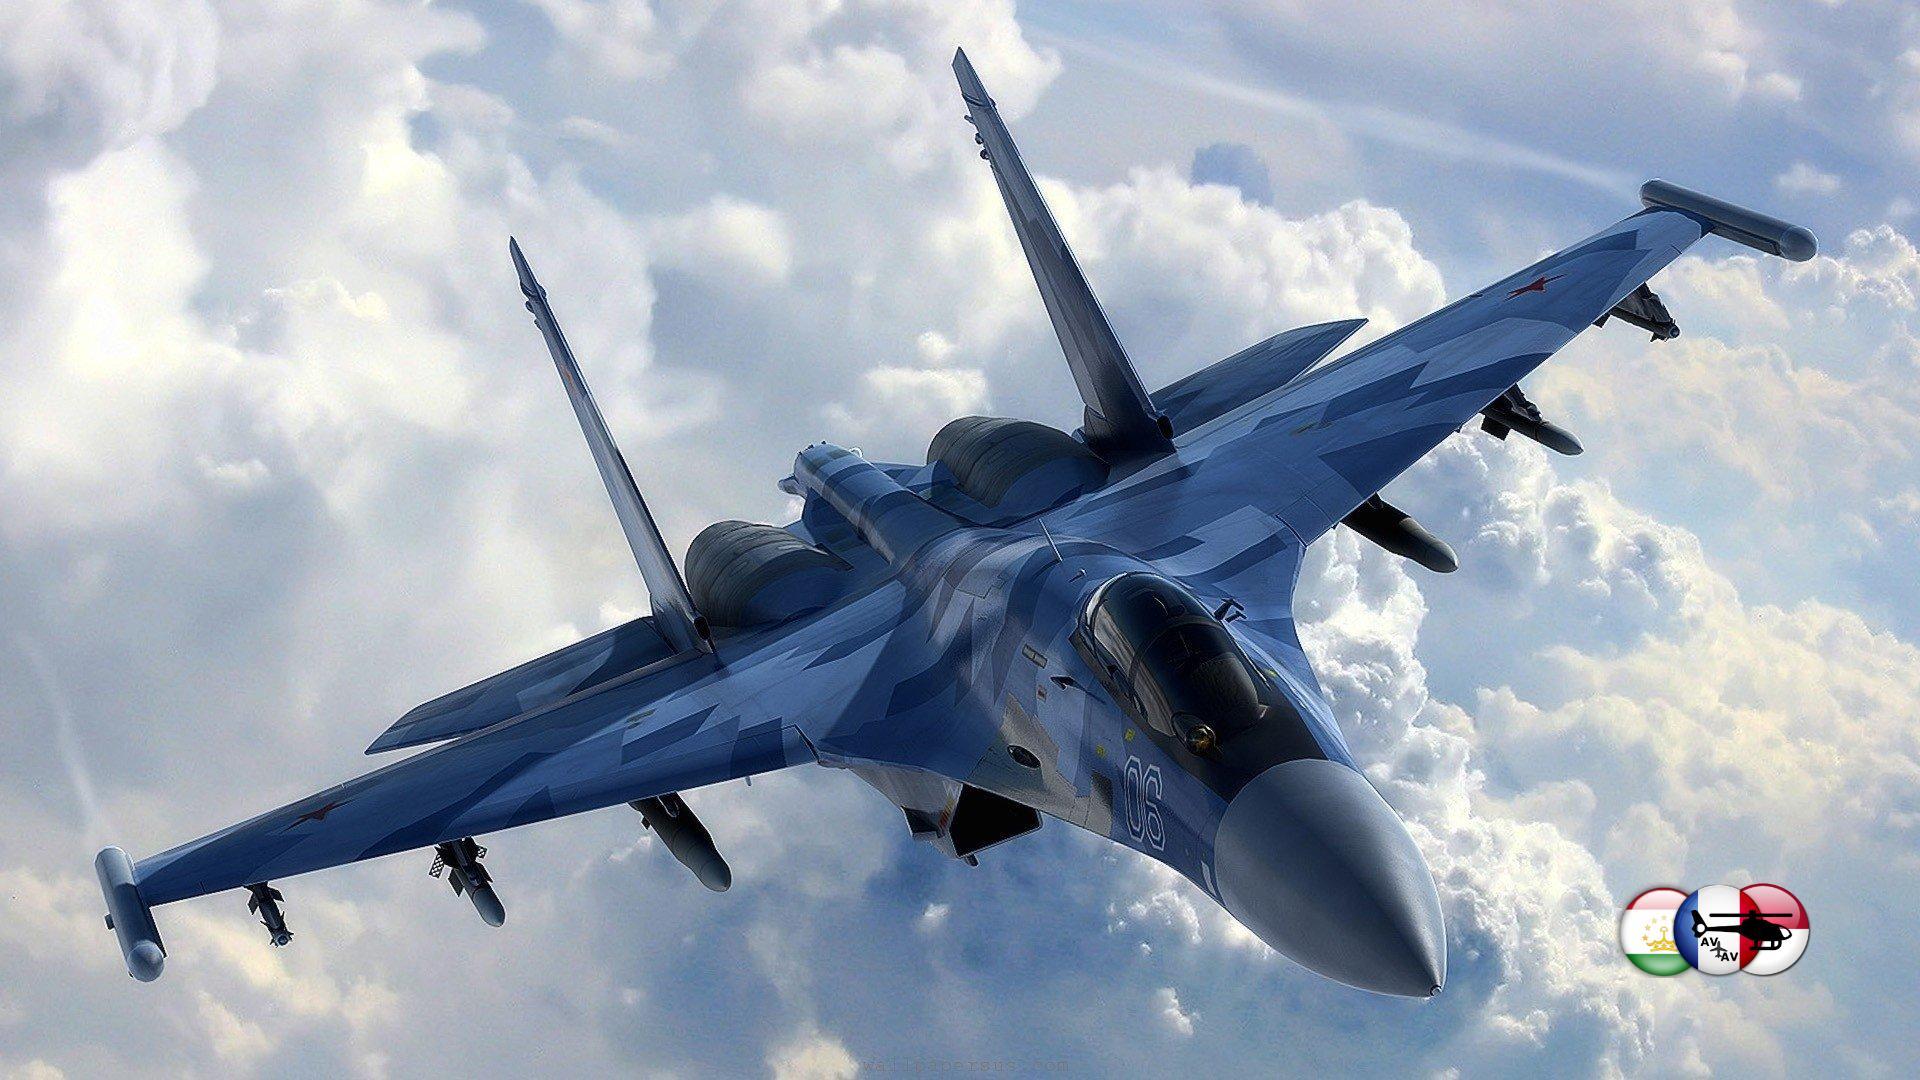 ВОЕННАЯ РОССИЯ: Авиация от CofranceSARL